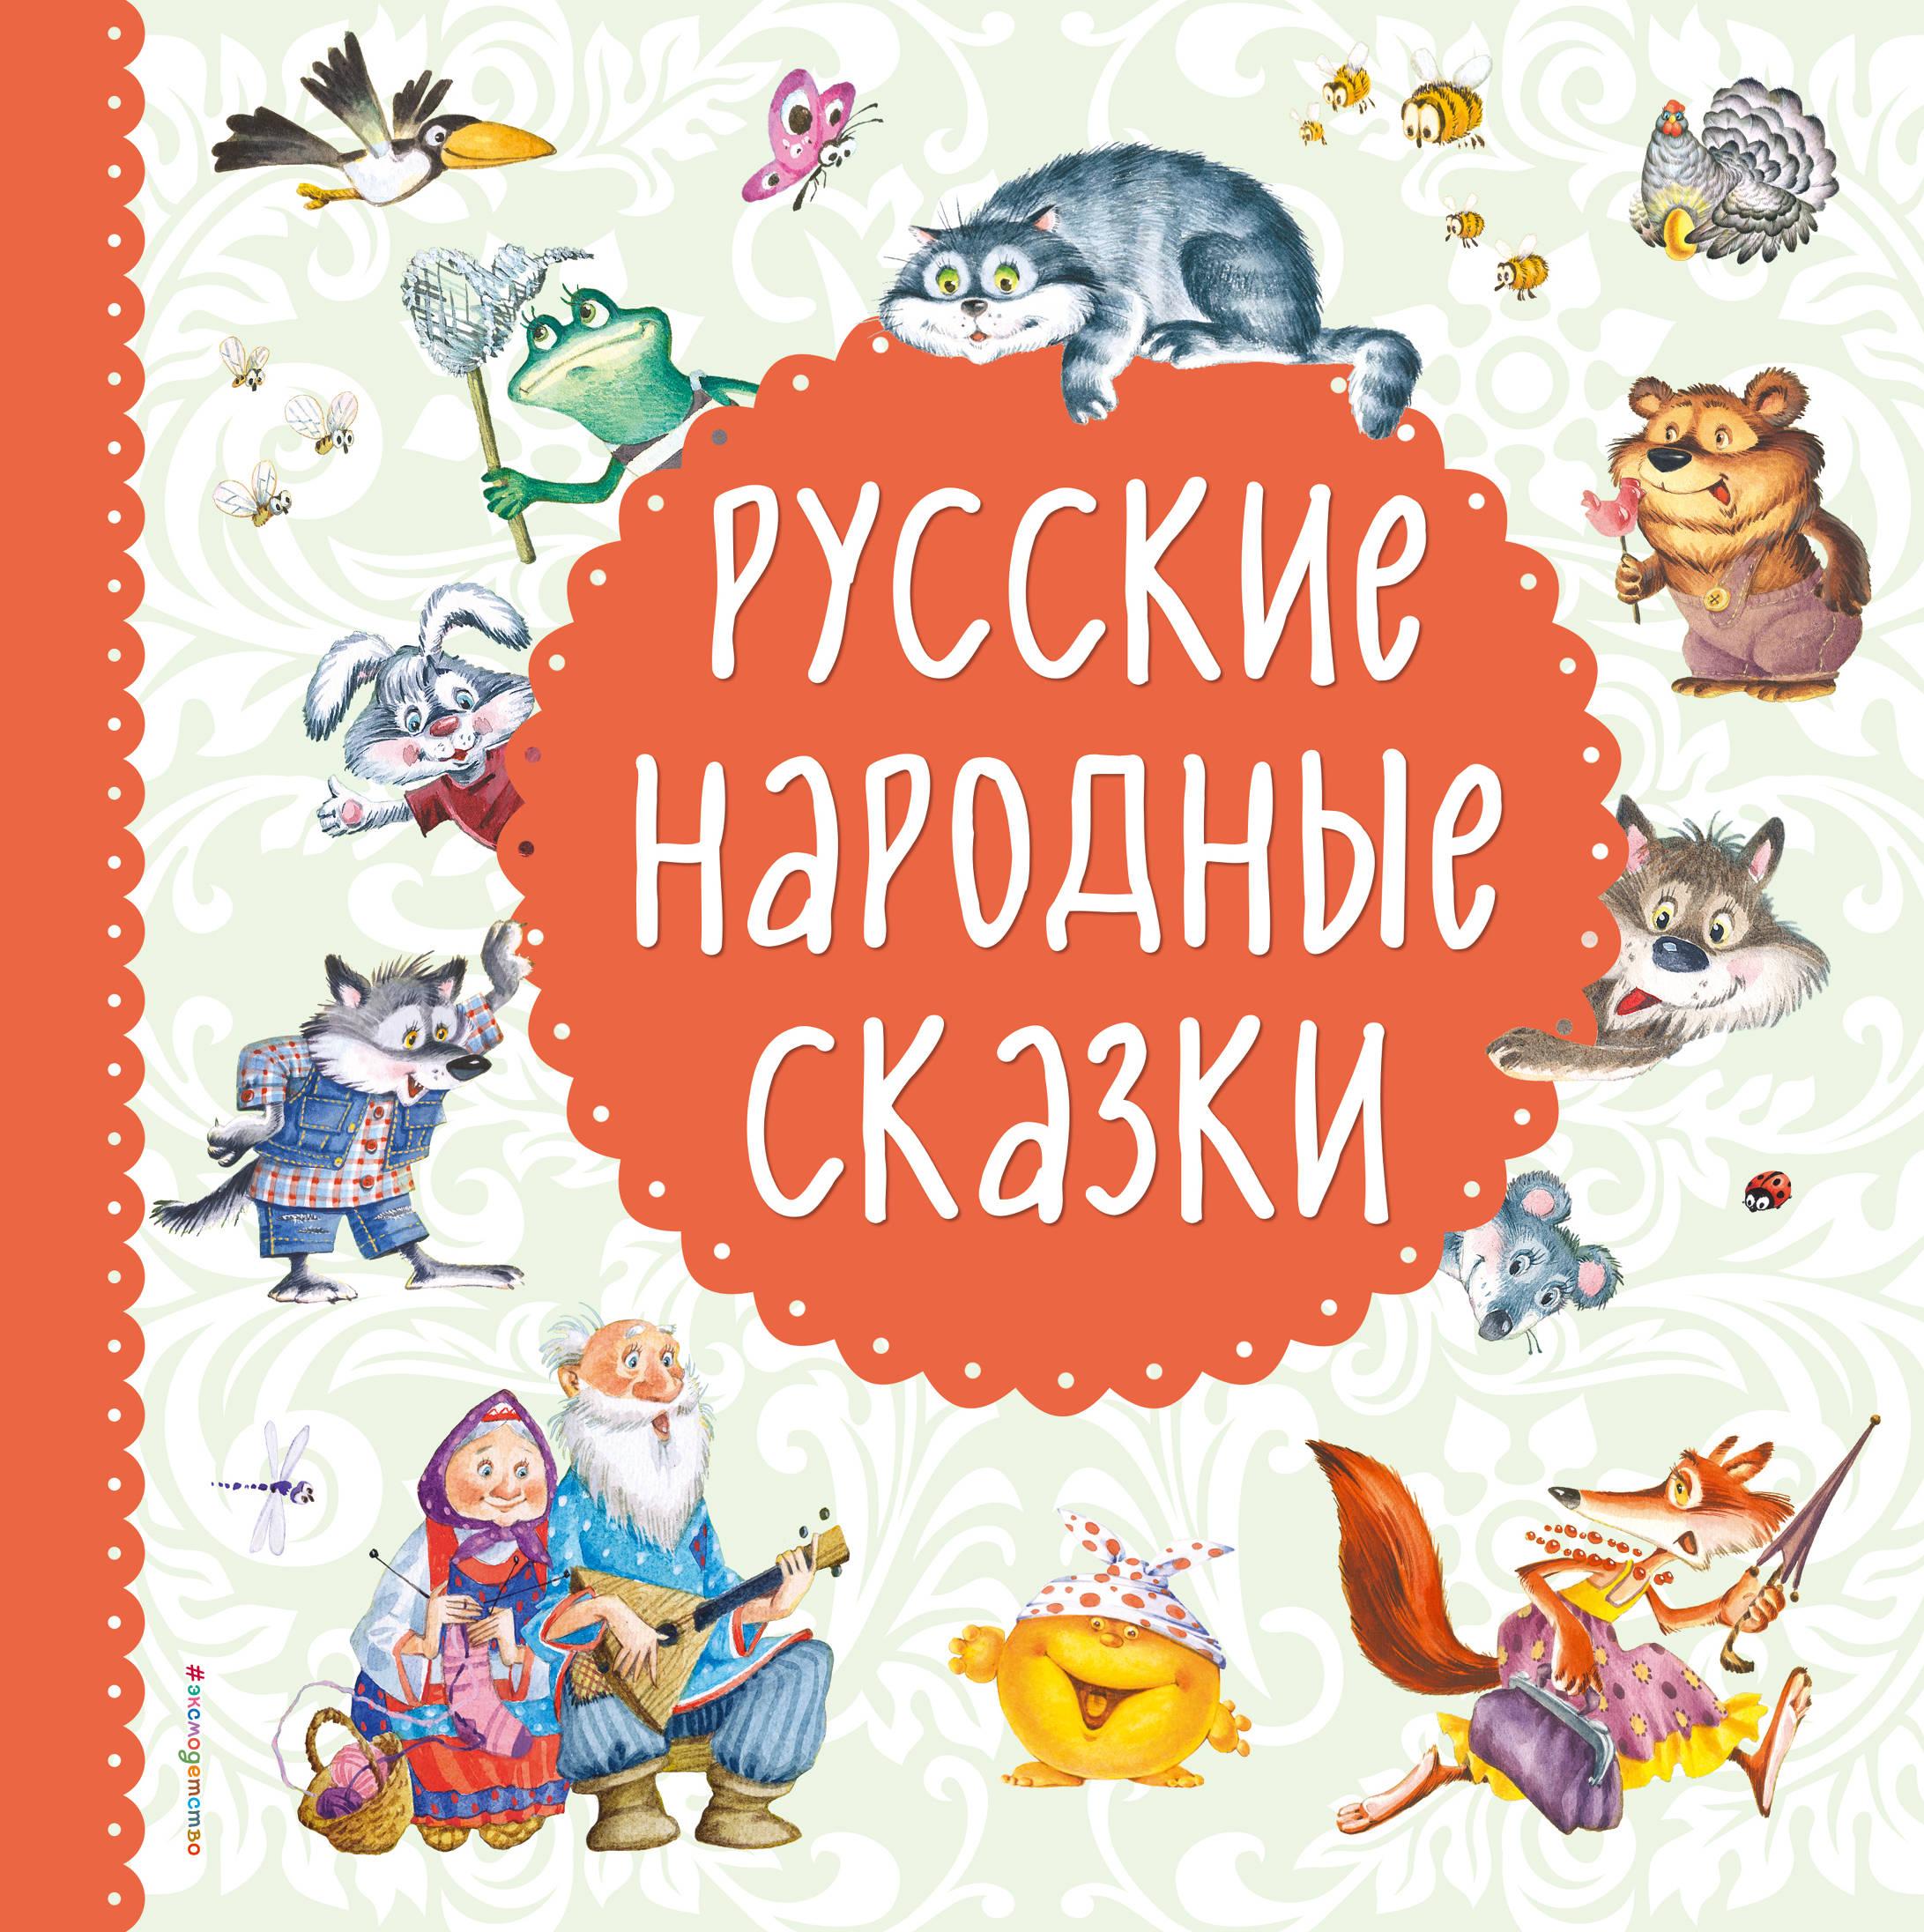 Русские народные сказки самые популярные русские народные песни и романсы под гитару для тех кто знает и не знает ноты